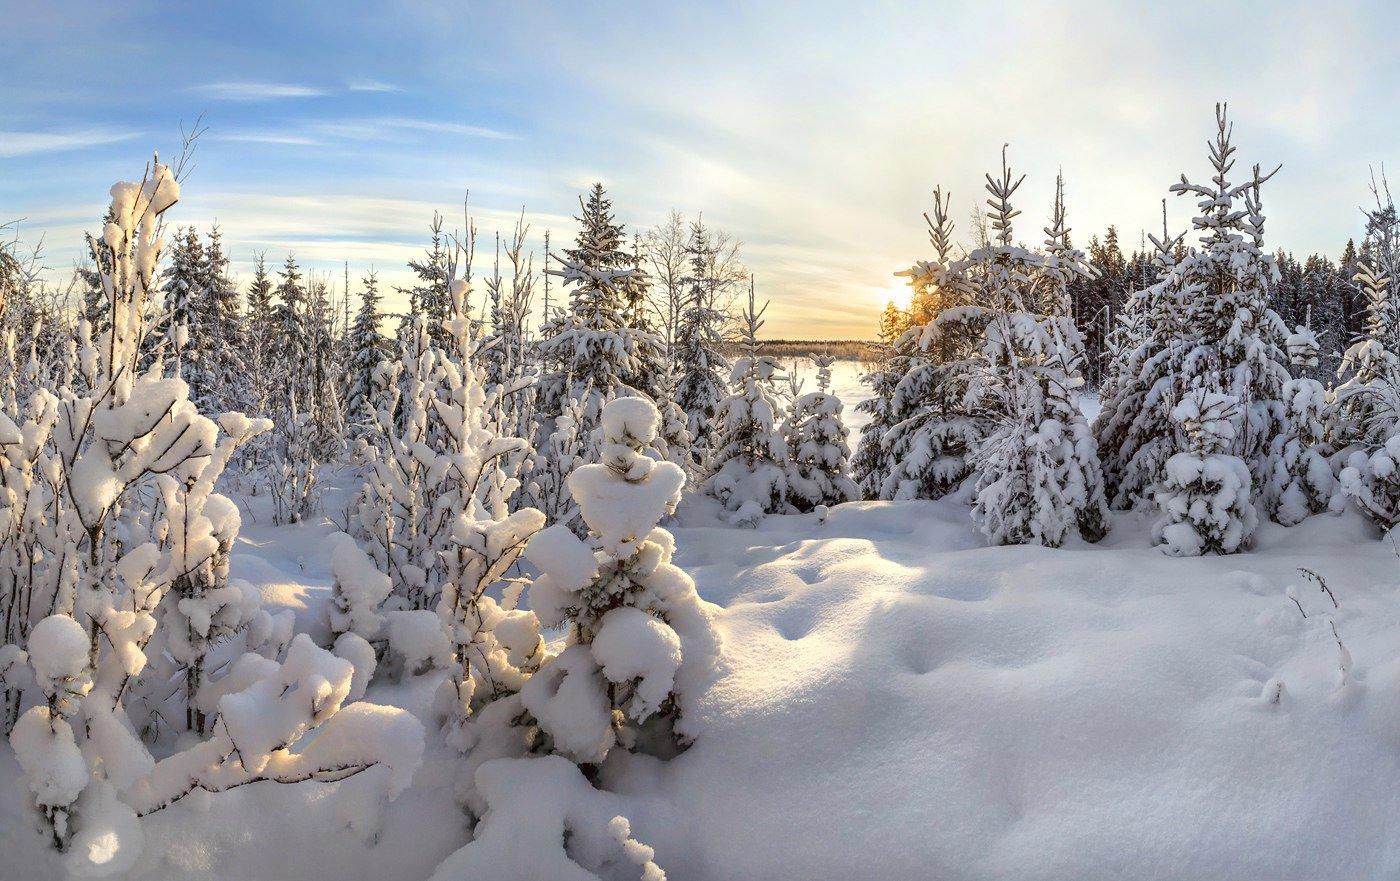 картинки зимний снежный коми лес носим длинные волосы